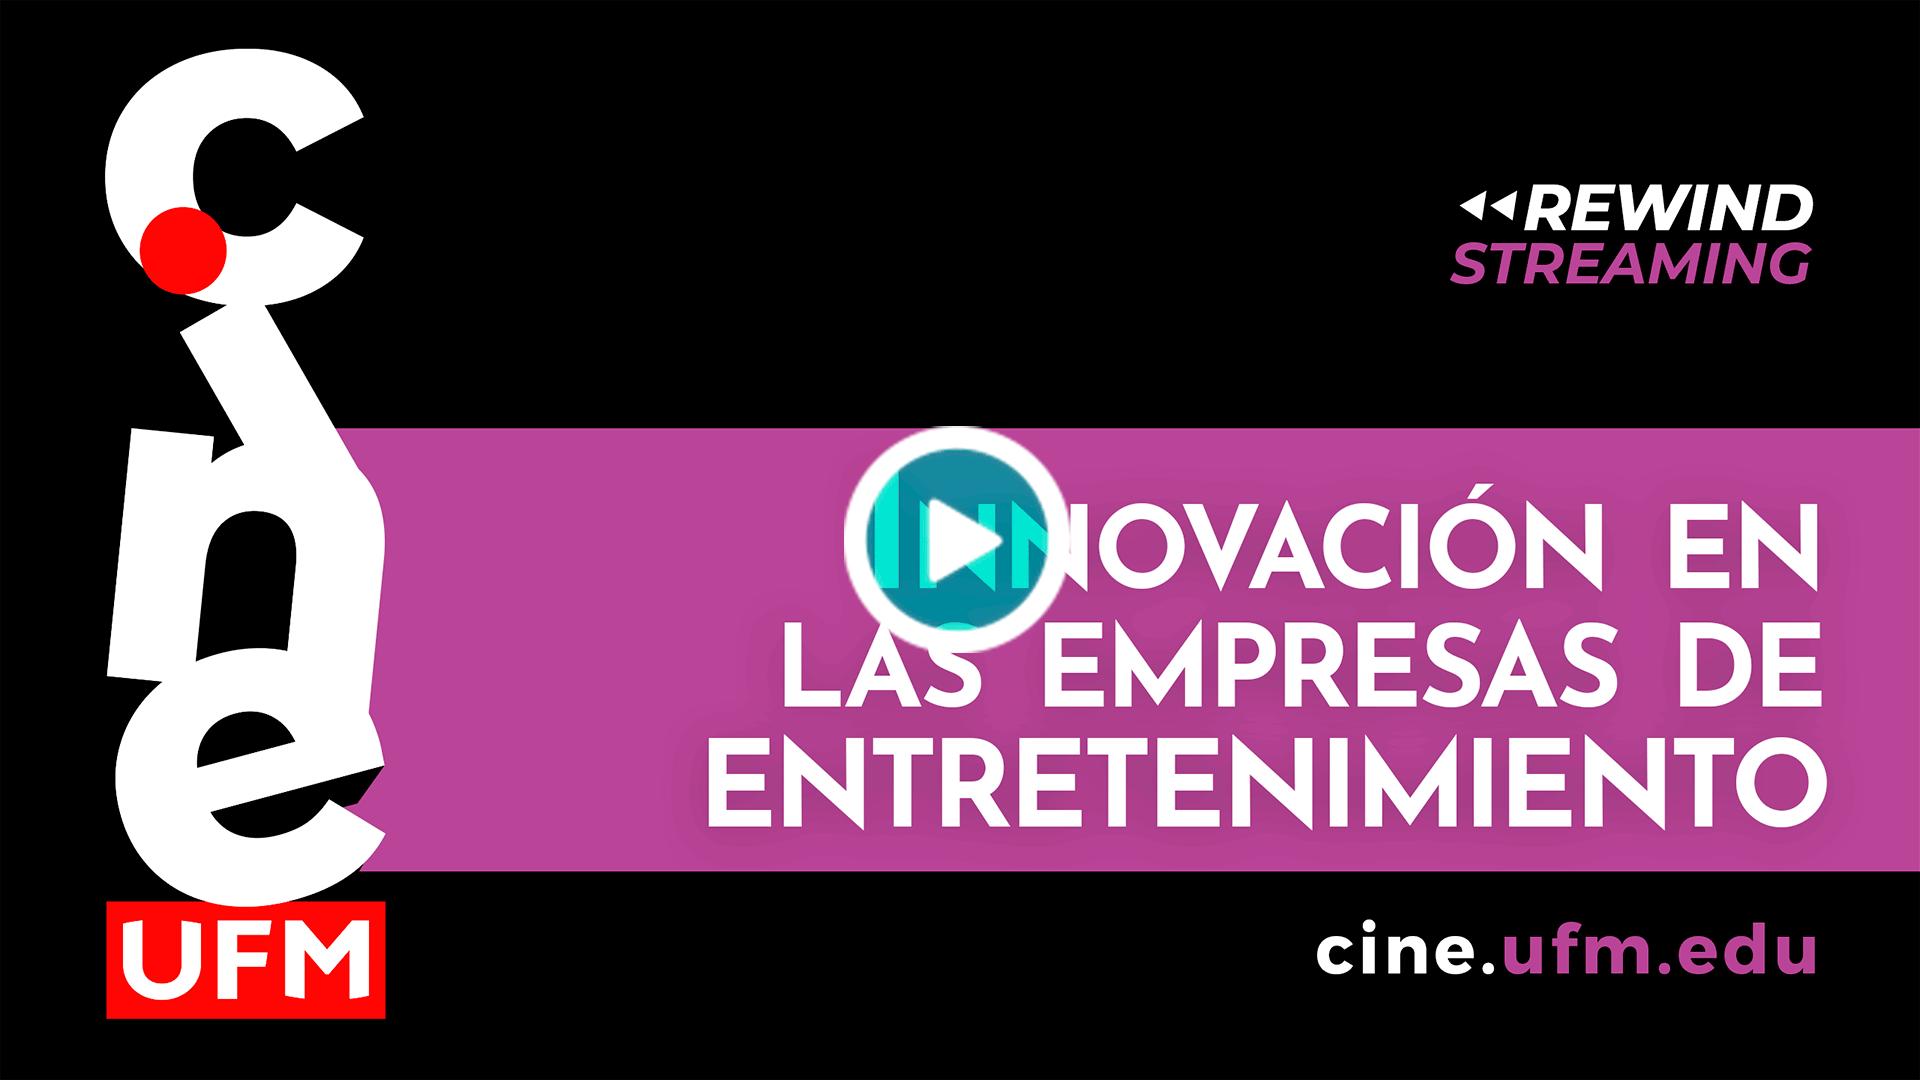 20200703_cineufmlive1_Innovacion-entretenimiento